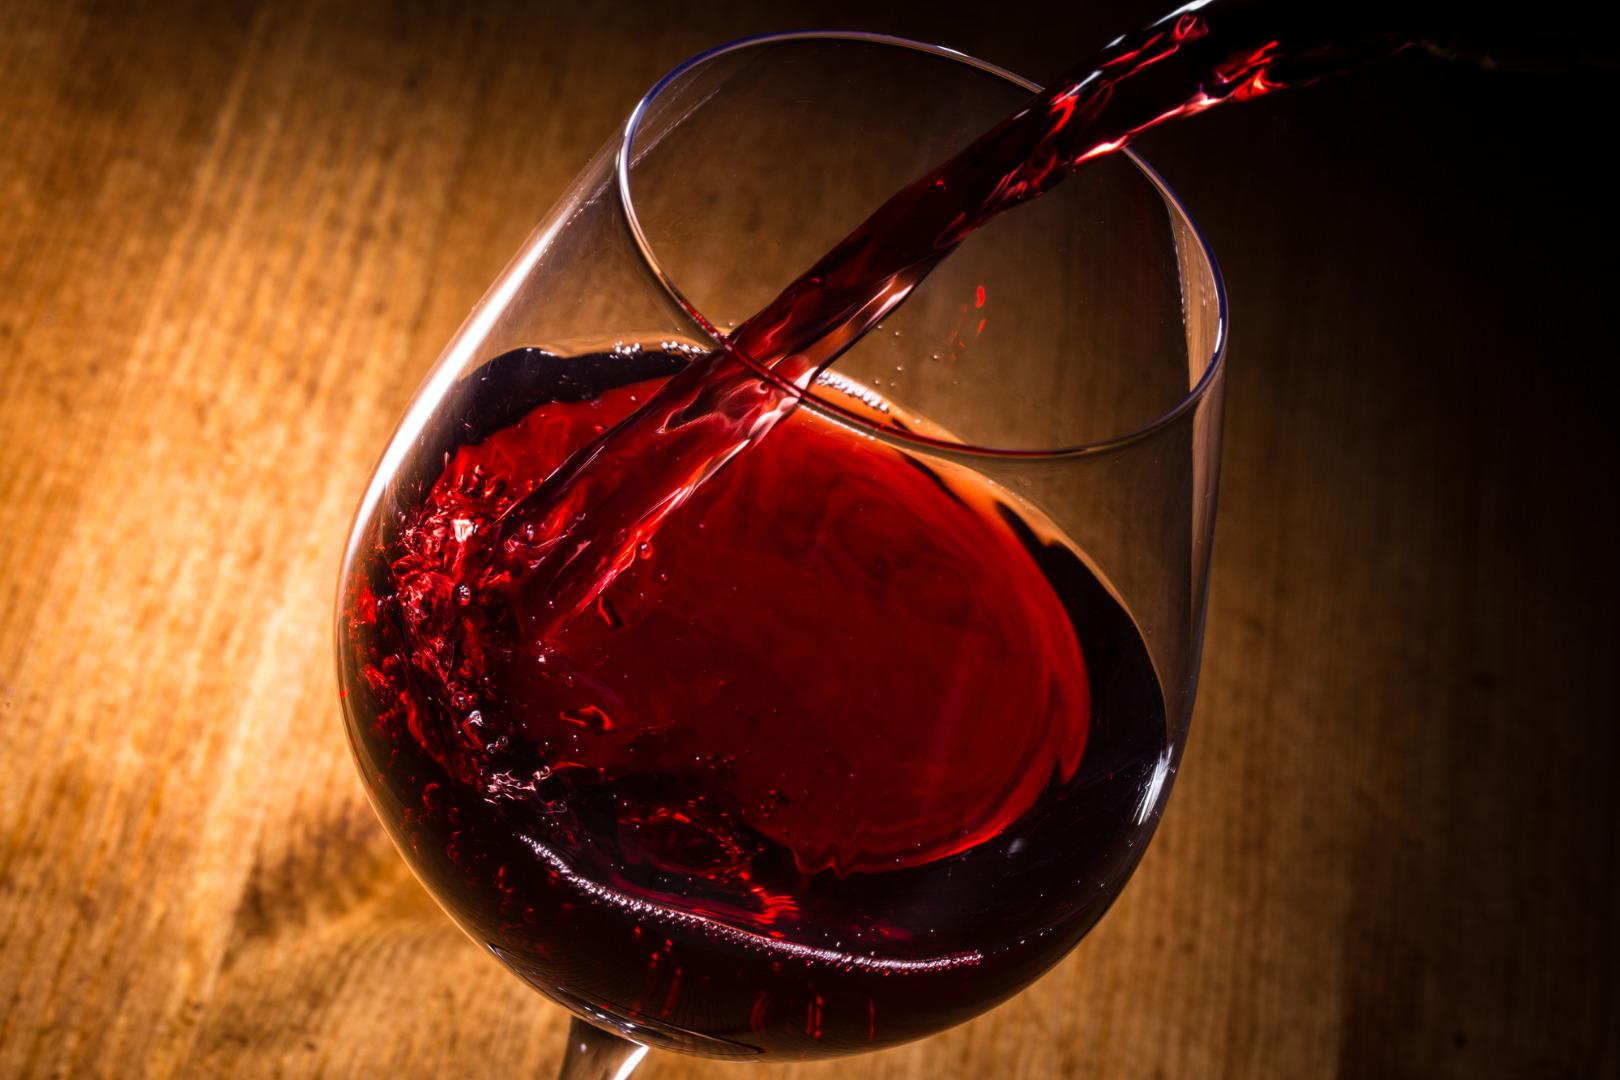 ボジョレー・ヌーボーとは?解禁日が楽しみなワインの産地の魅力 神の ...